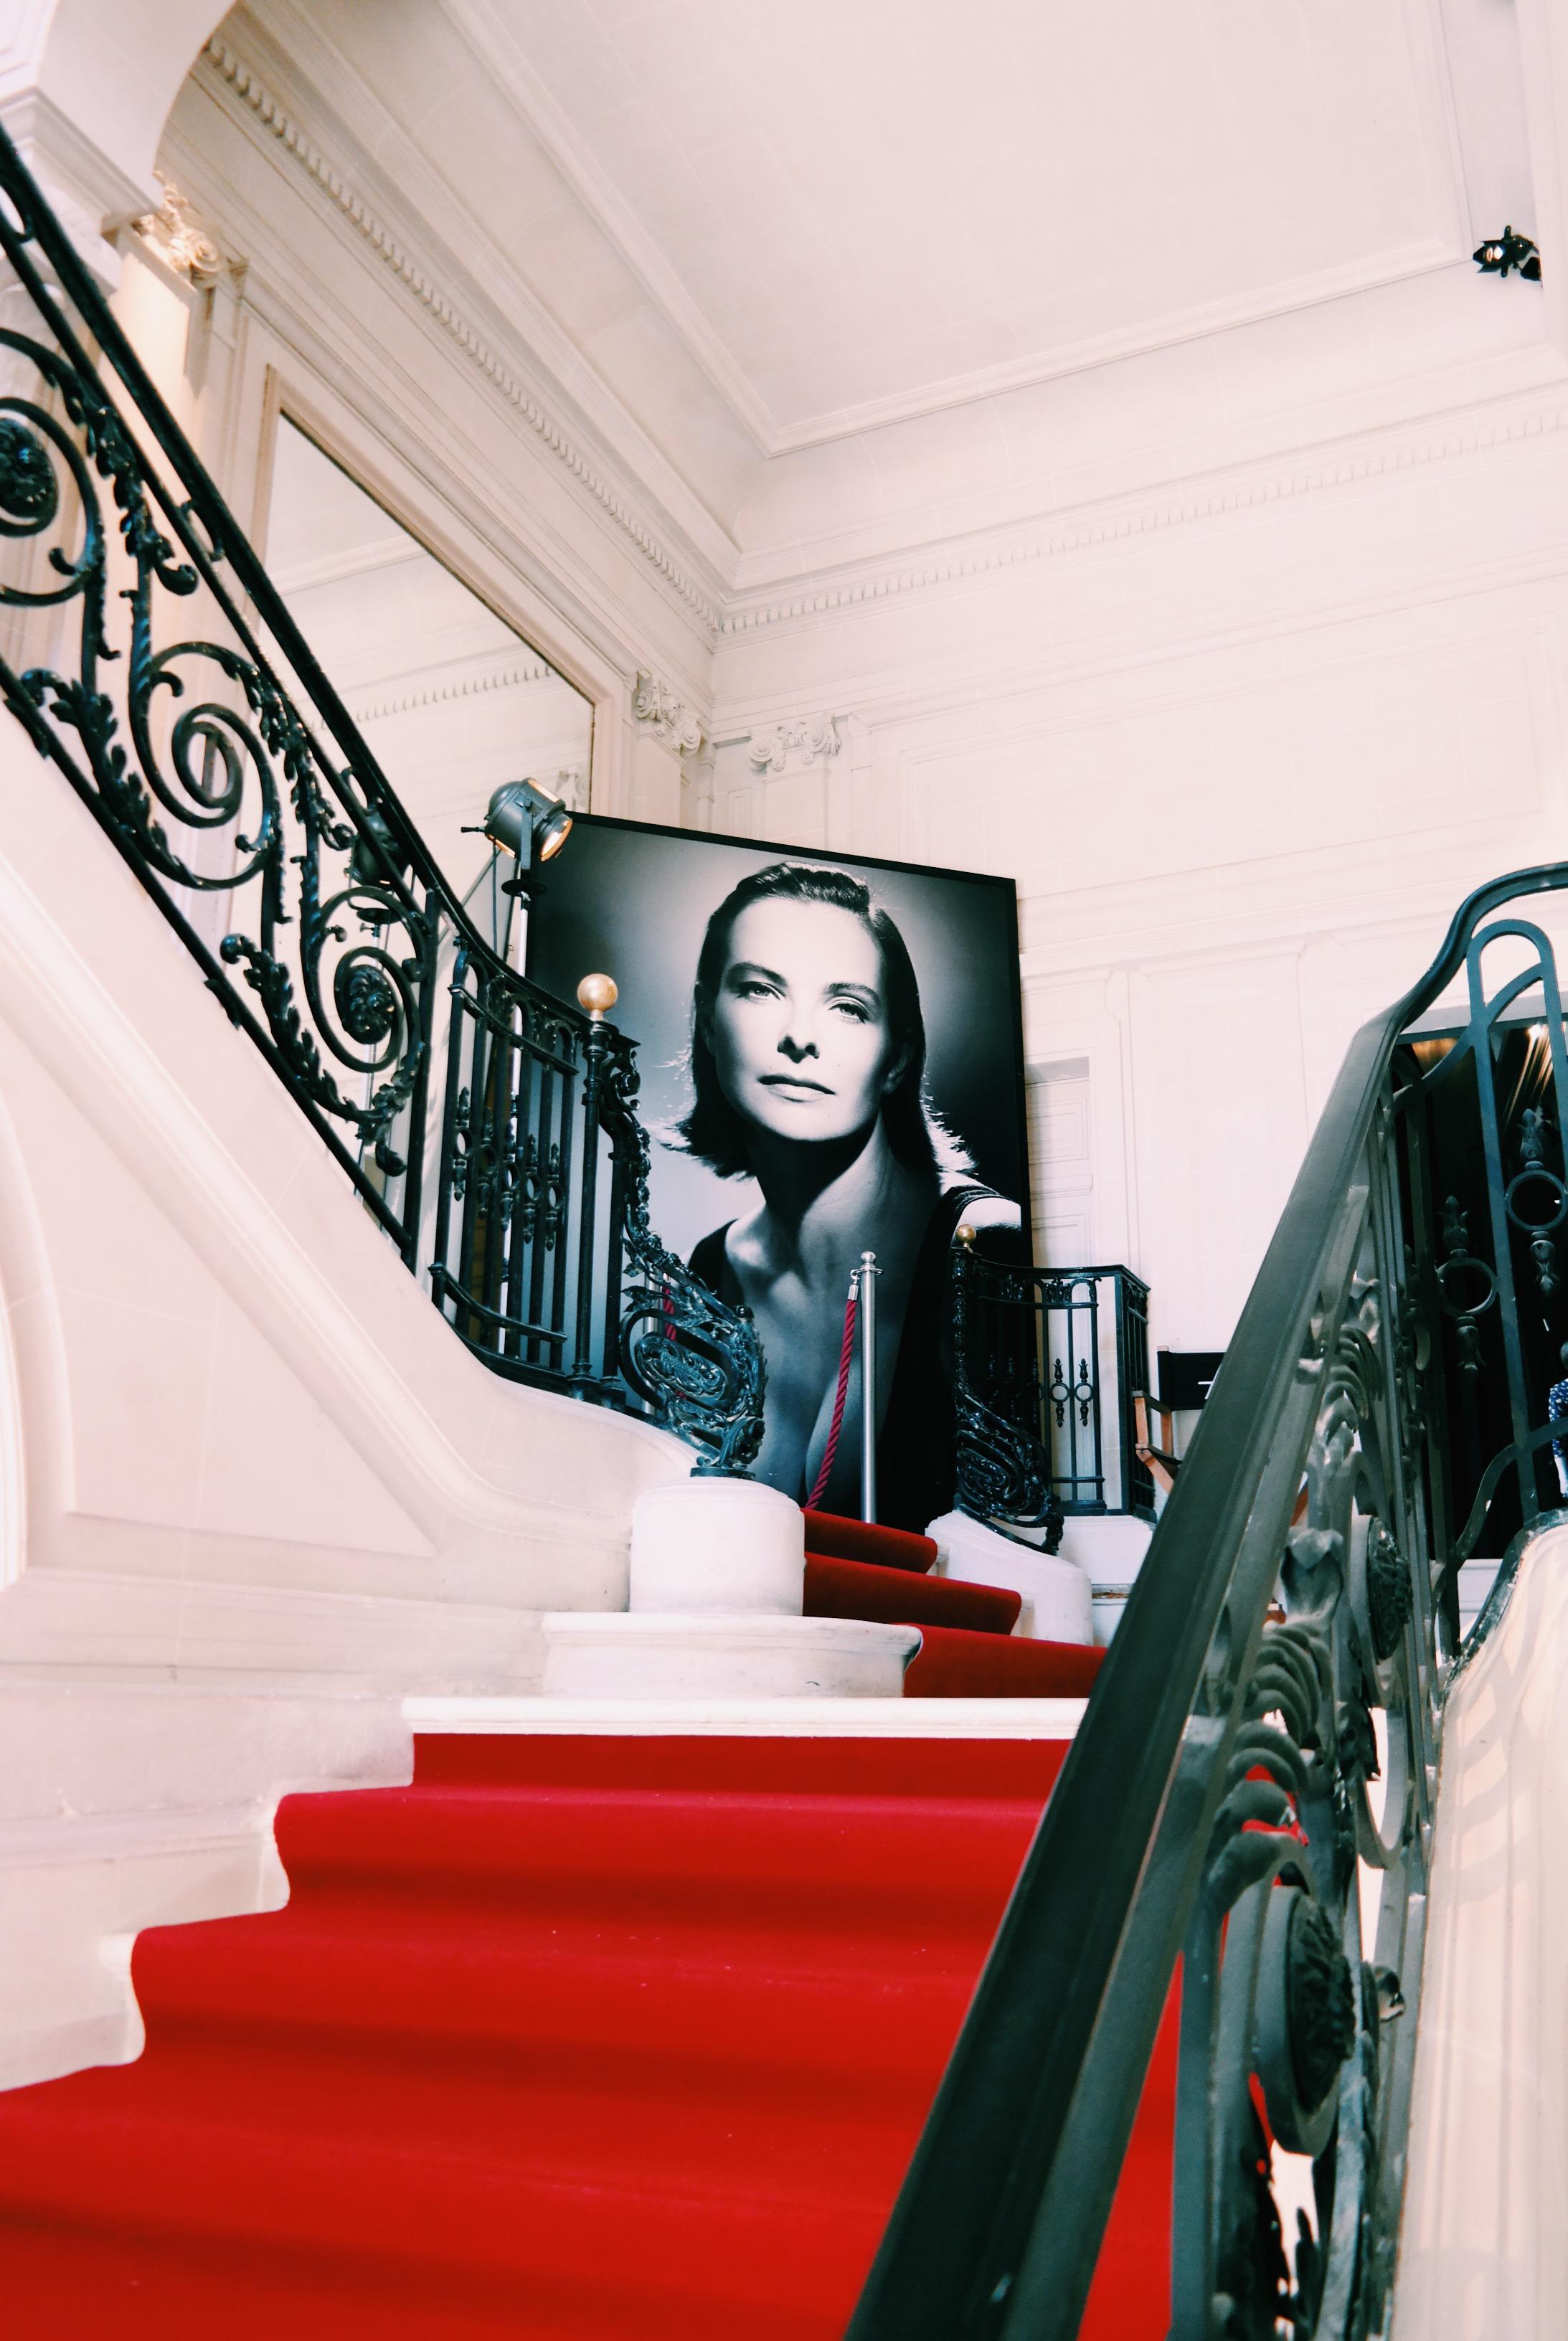 Studio-Harcourt-grand-escalier-hôtel-particulier-rue-de-Lota-paris-16e-portrait-de-Carole-Bouquet-noir-et-blanc-photo-usofparis-blog